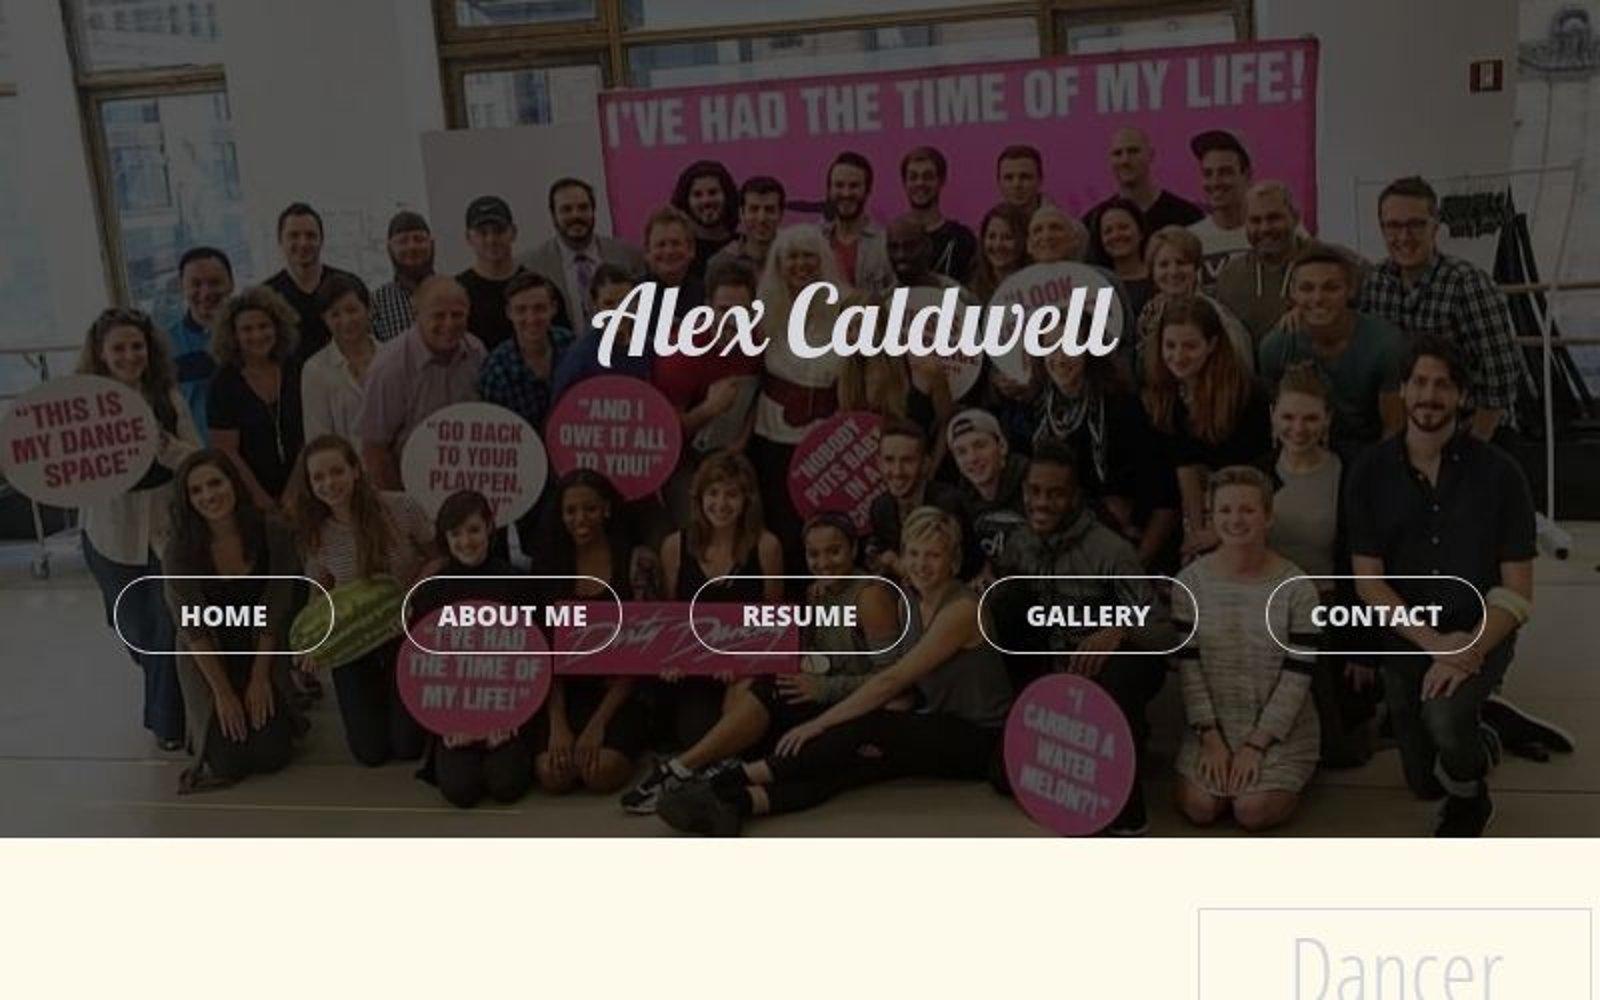 Alex Caldwell